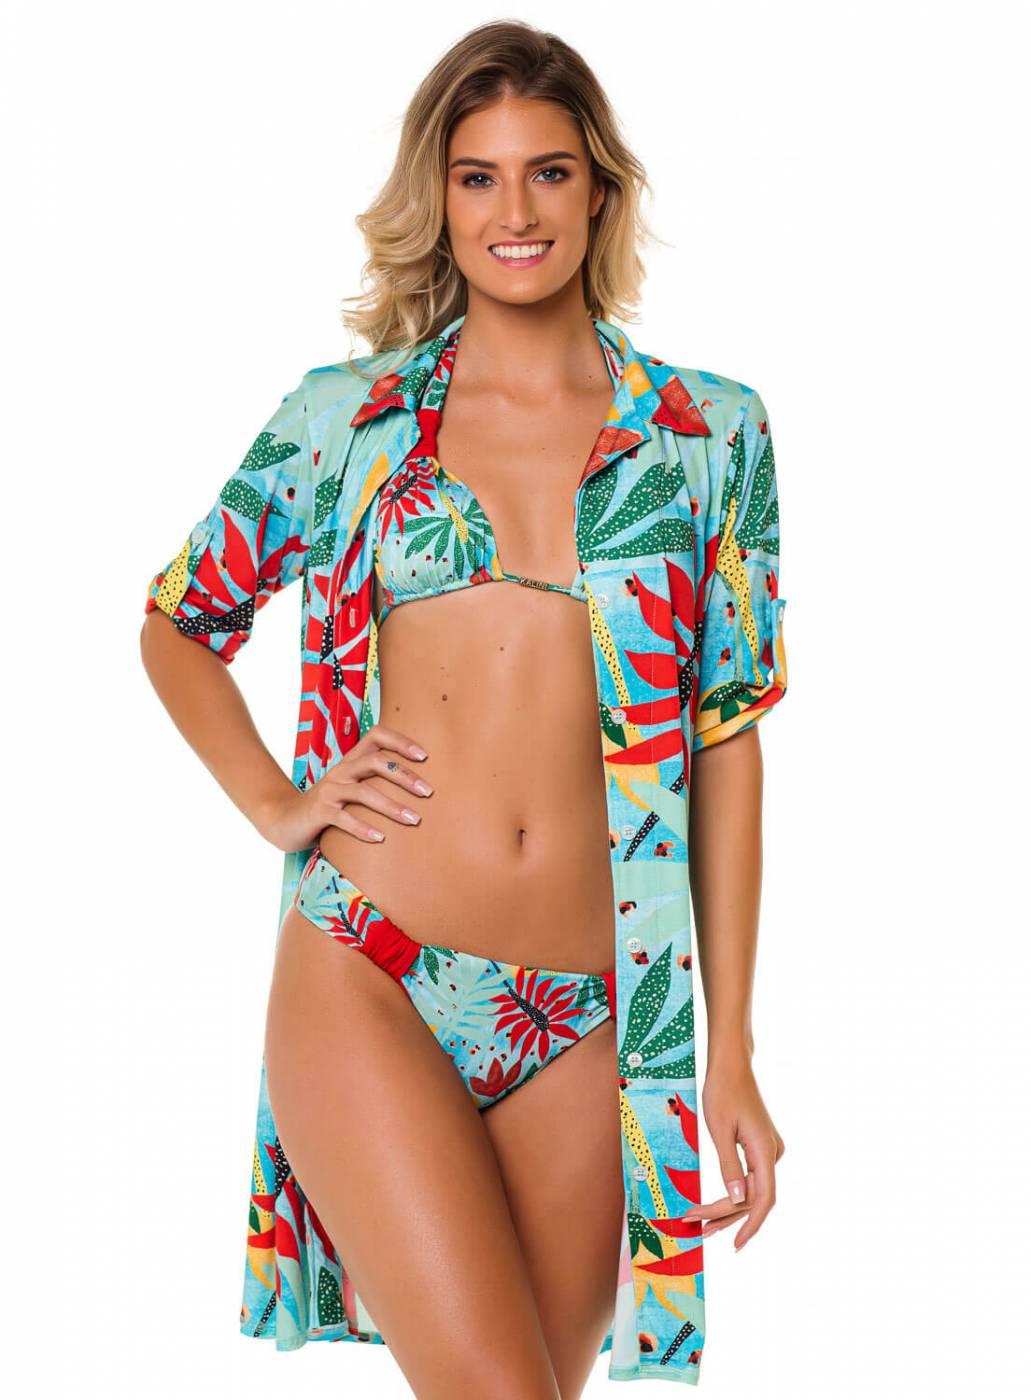 Compre o Look Completo Alto Verão Aruba e Economize Saída Curta Chemise Aruba + Biquíni Cortininha Resort Aruba  Proteção uv50+